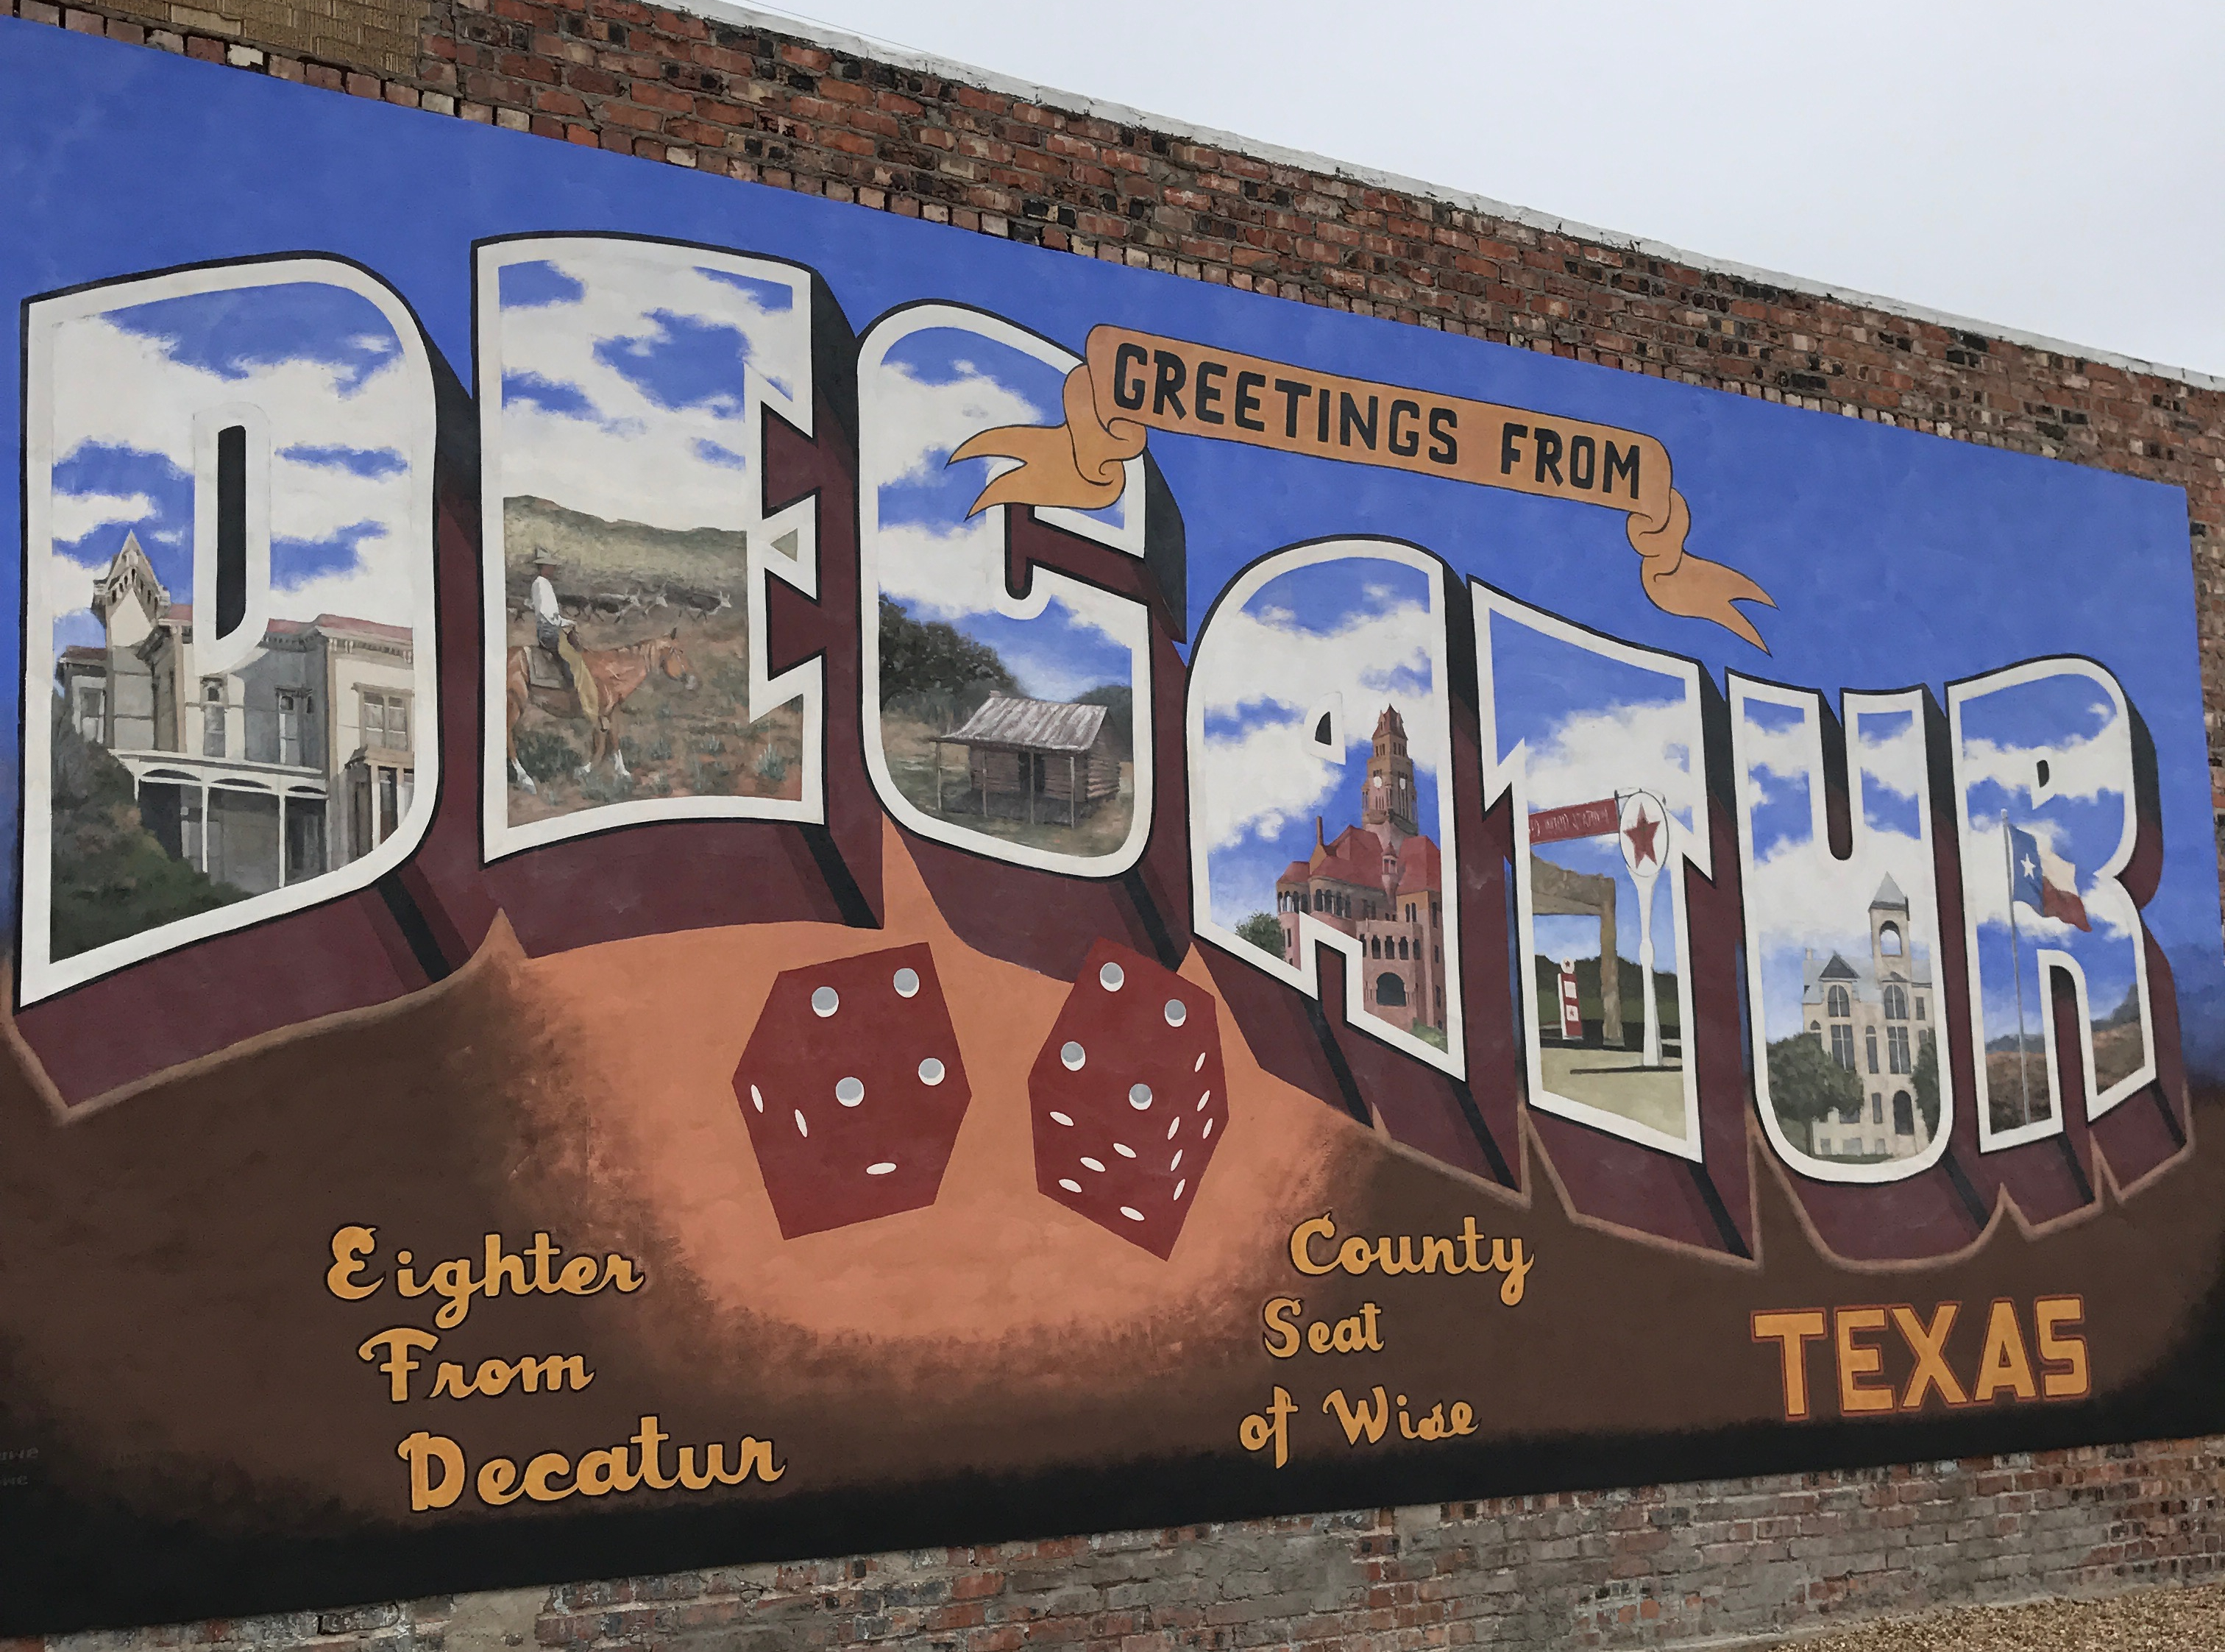 0921 MAX image 03 decatur mural